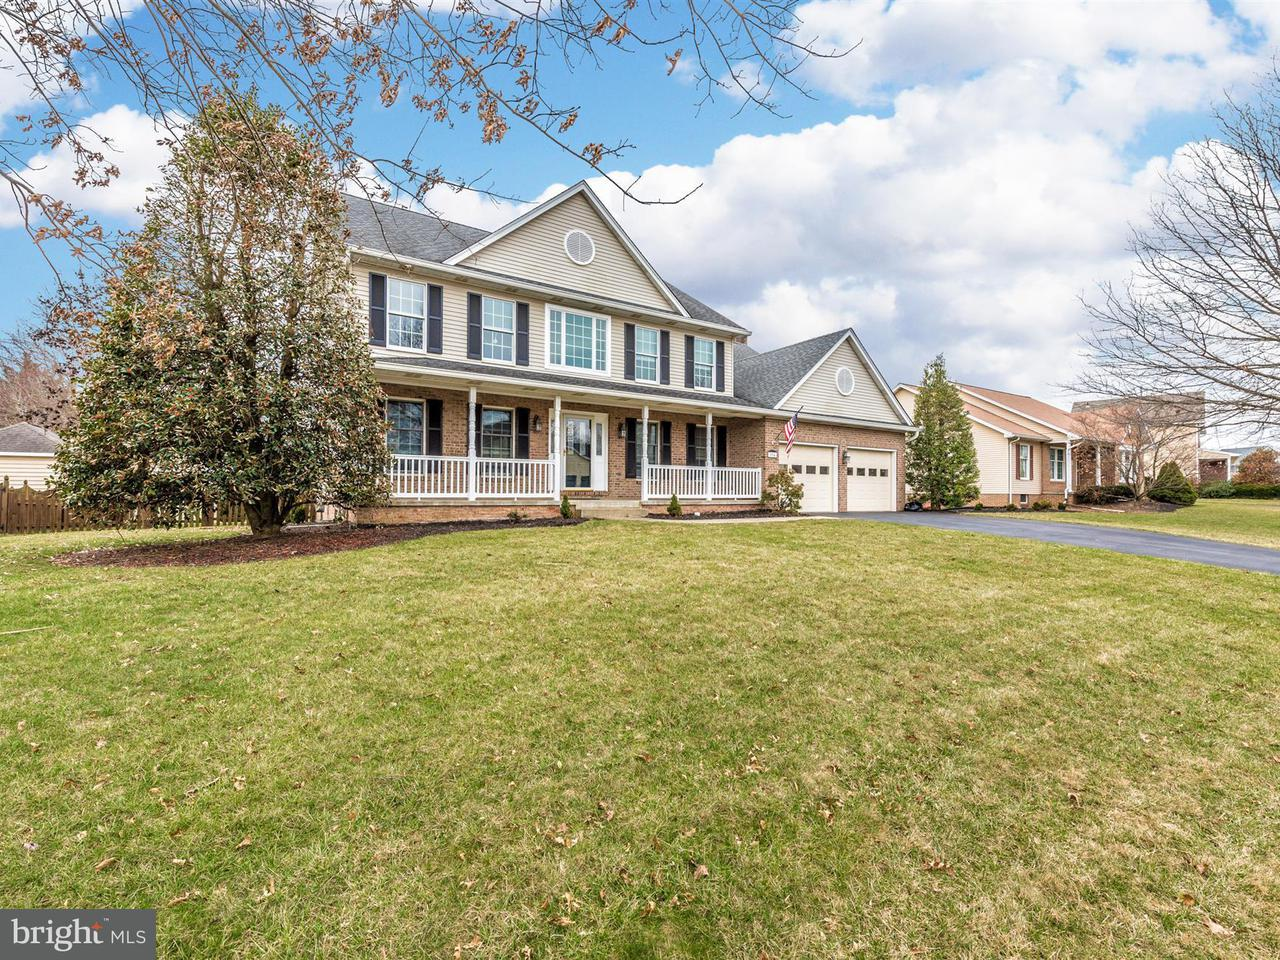 Casa Unifamiliar por un Venta en 294 Kenwood Place 294 Kenwood Place Walkersville, Maryland 21793 Estados Unidos